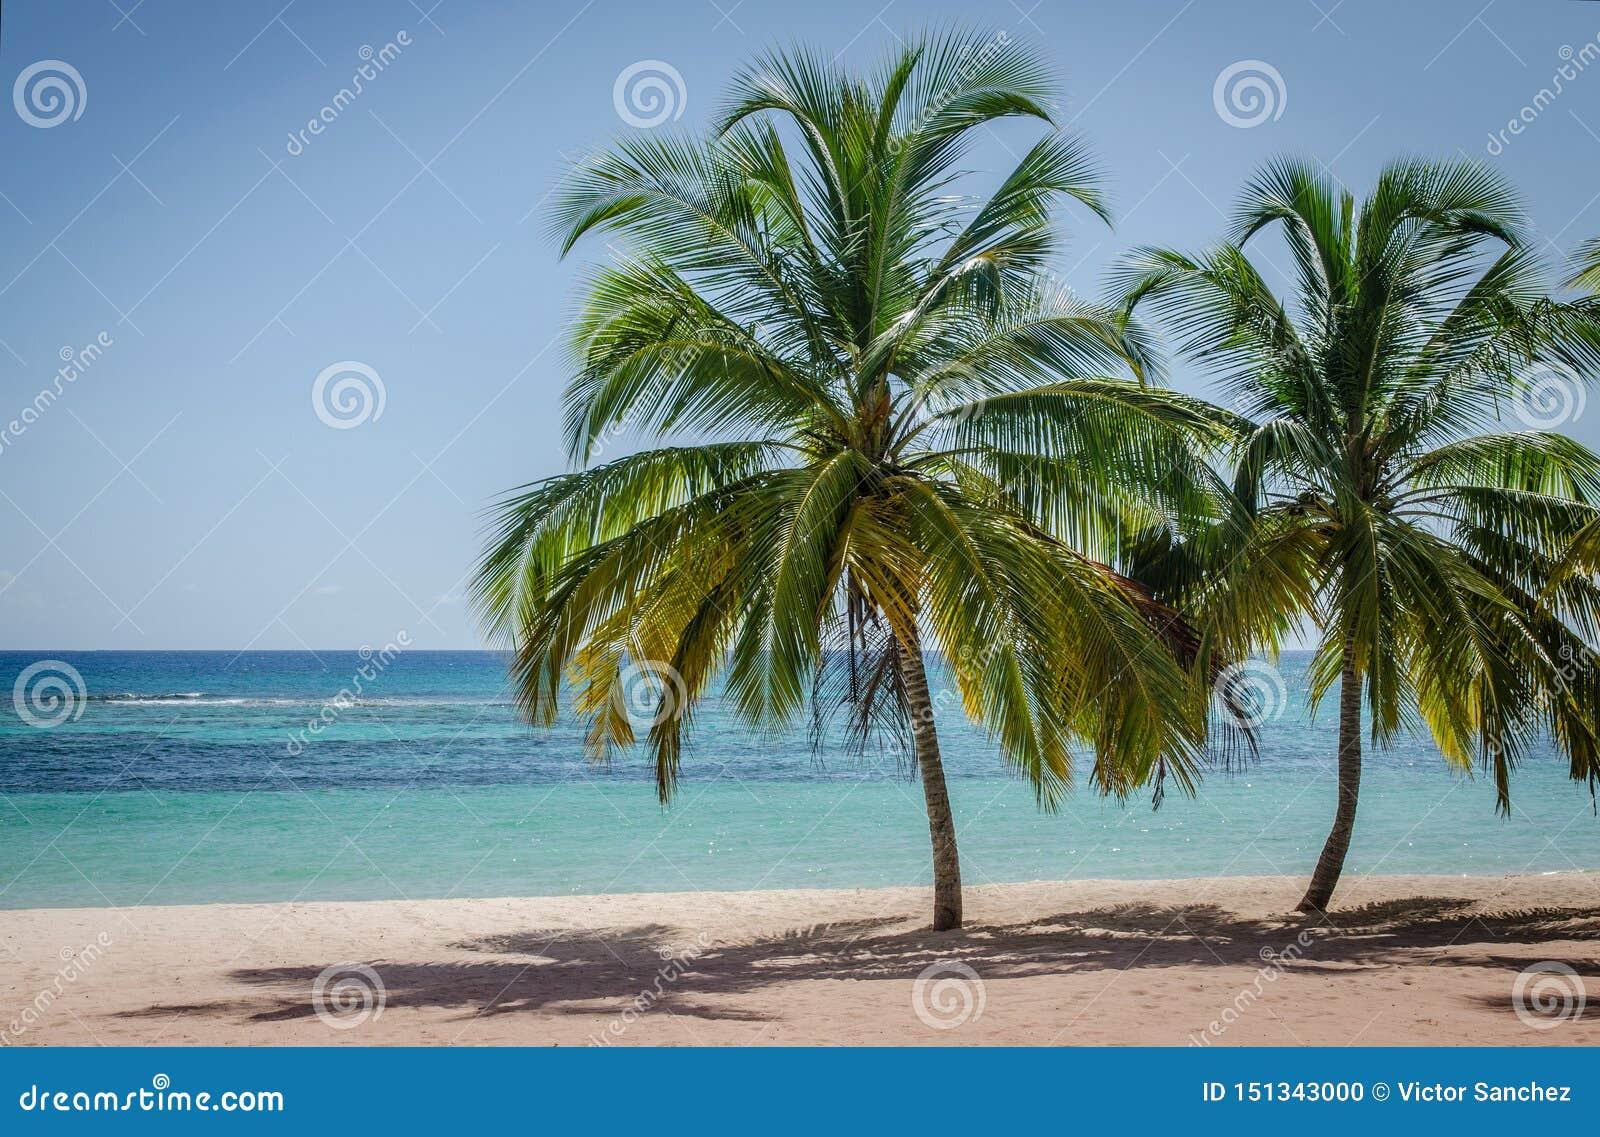 Palmeiras do coco no Sandy Beach branco na ilha de Saona, Rep?blica Dominicana